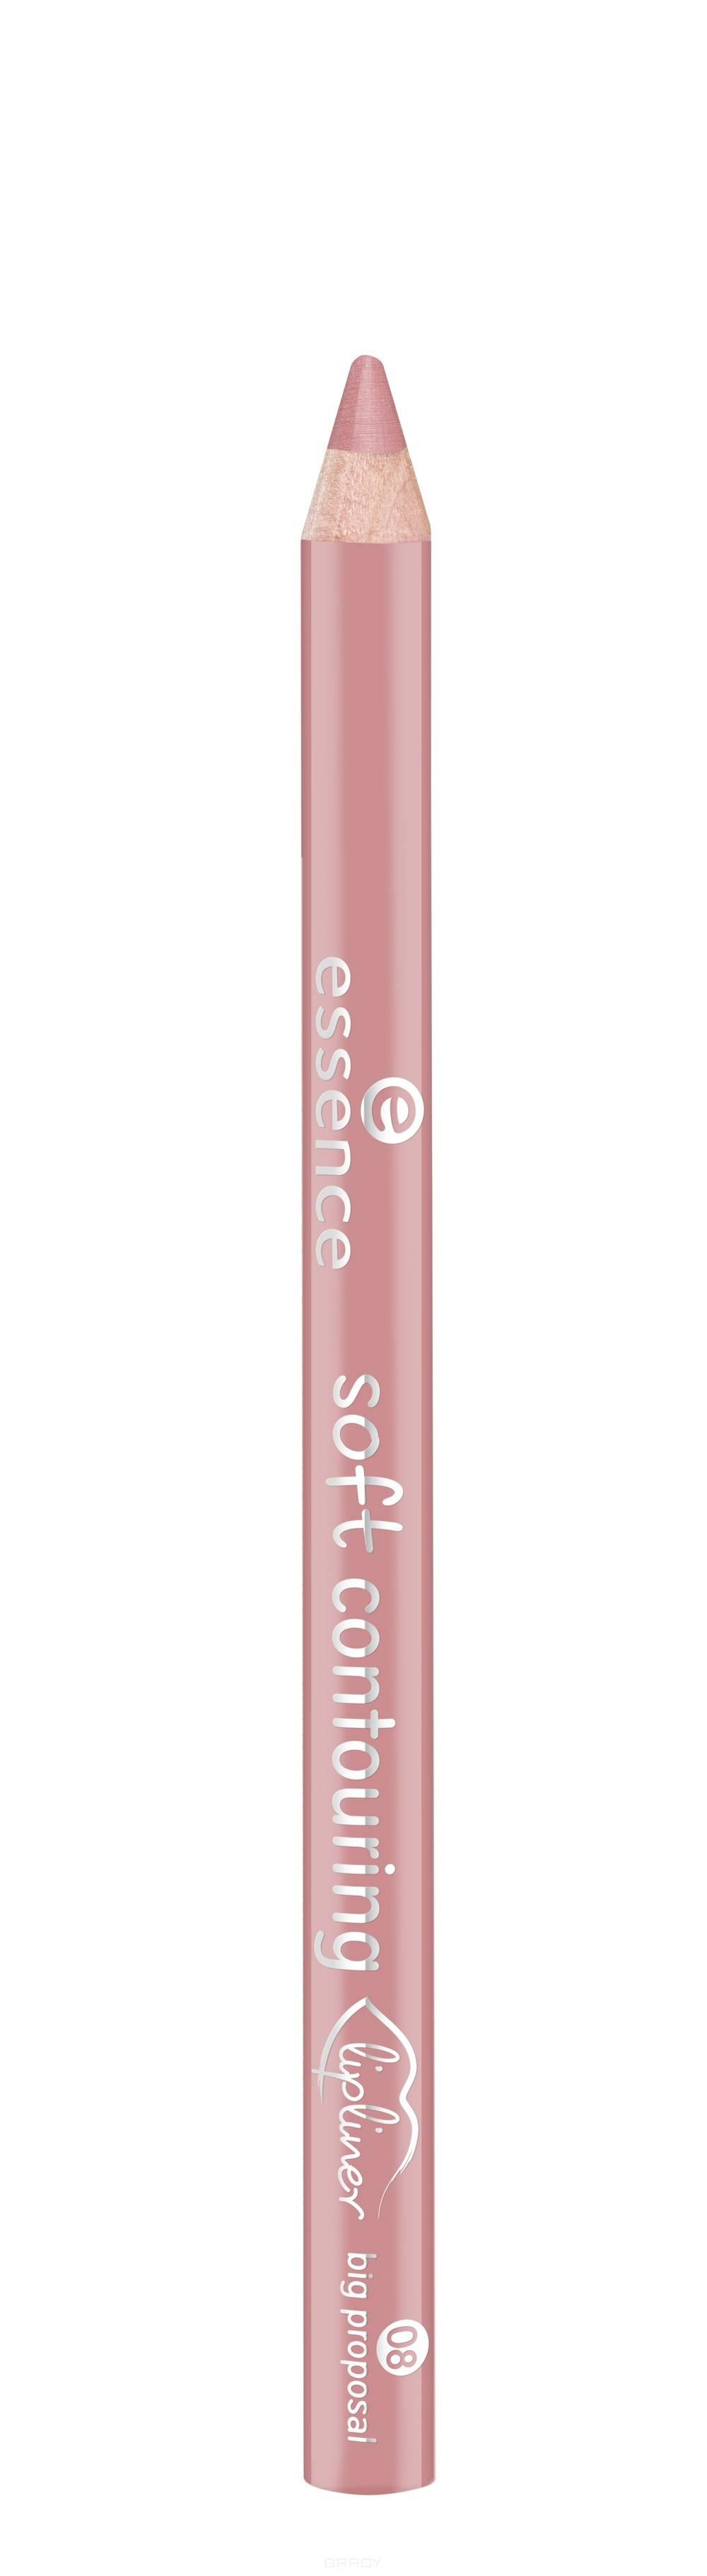 Купить Essence, Контур для губ Soft Contouring Lipliner (11 тонов) №08, кремово-розовый